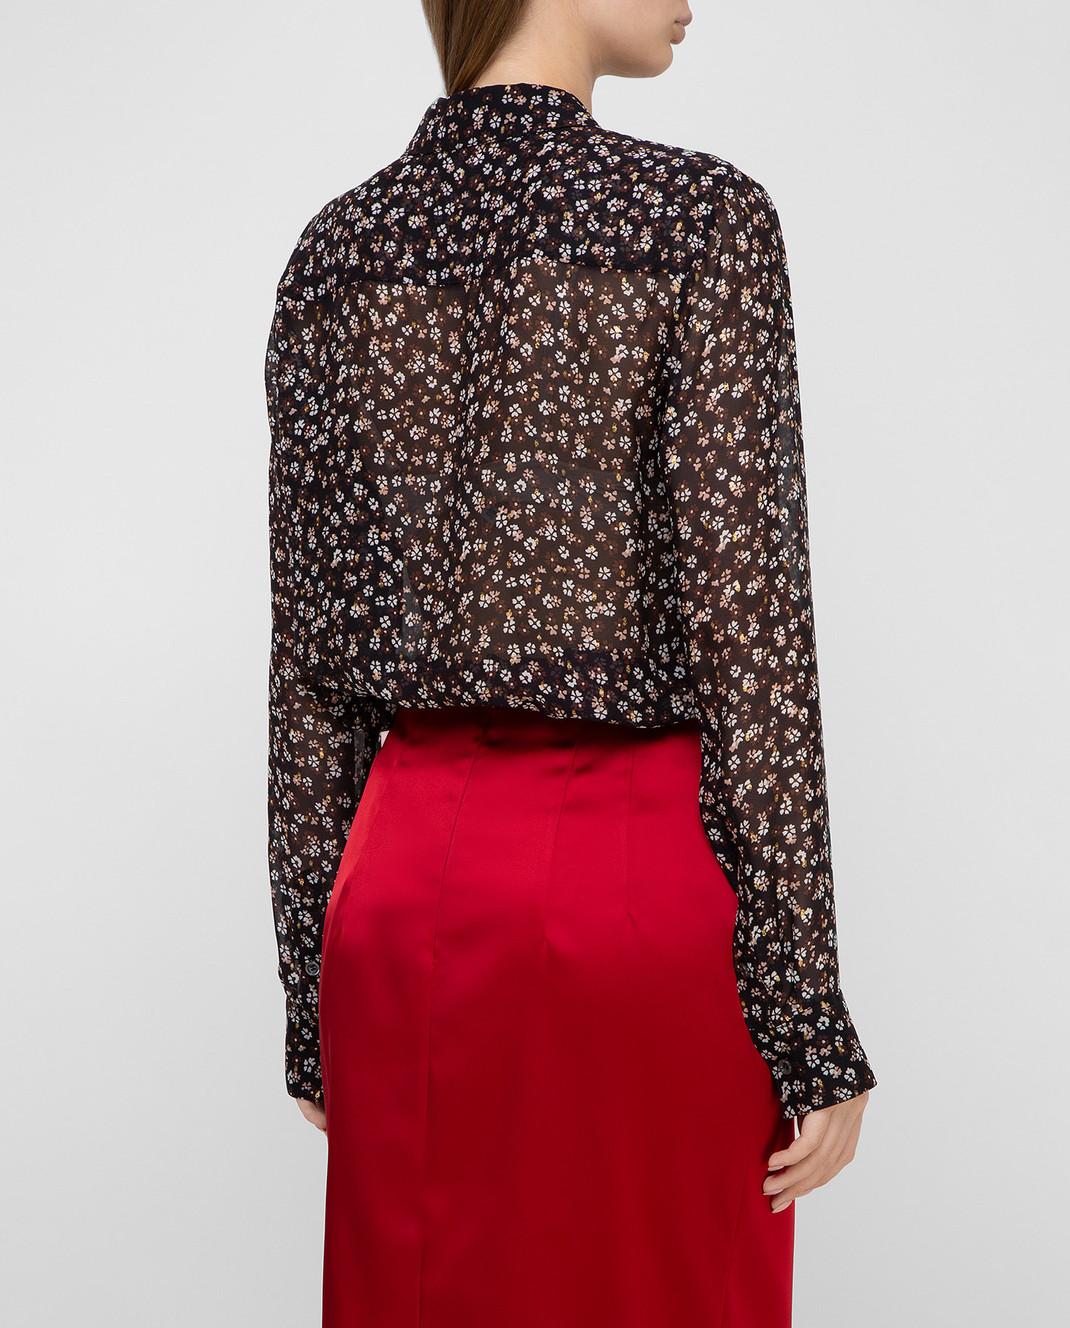 Altuzarra Черная блуза из шелка 418414848 изображение 4